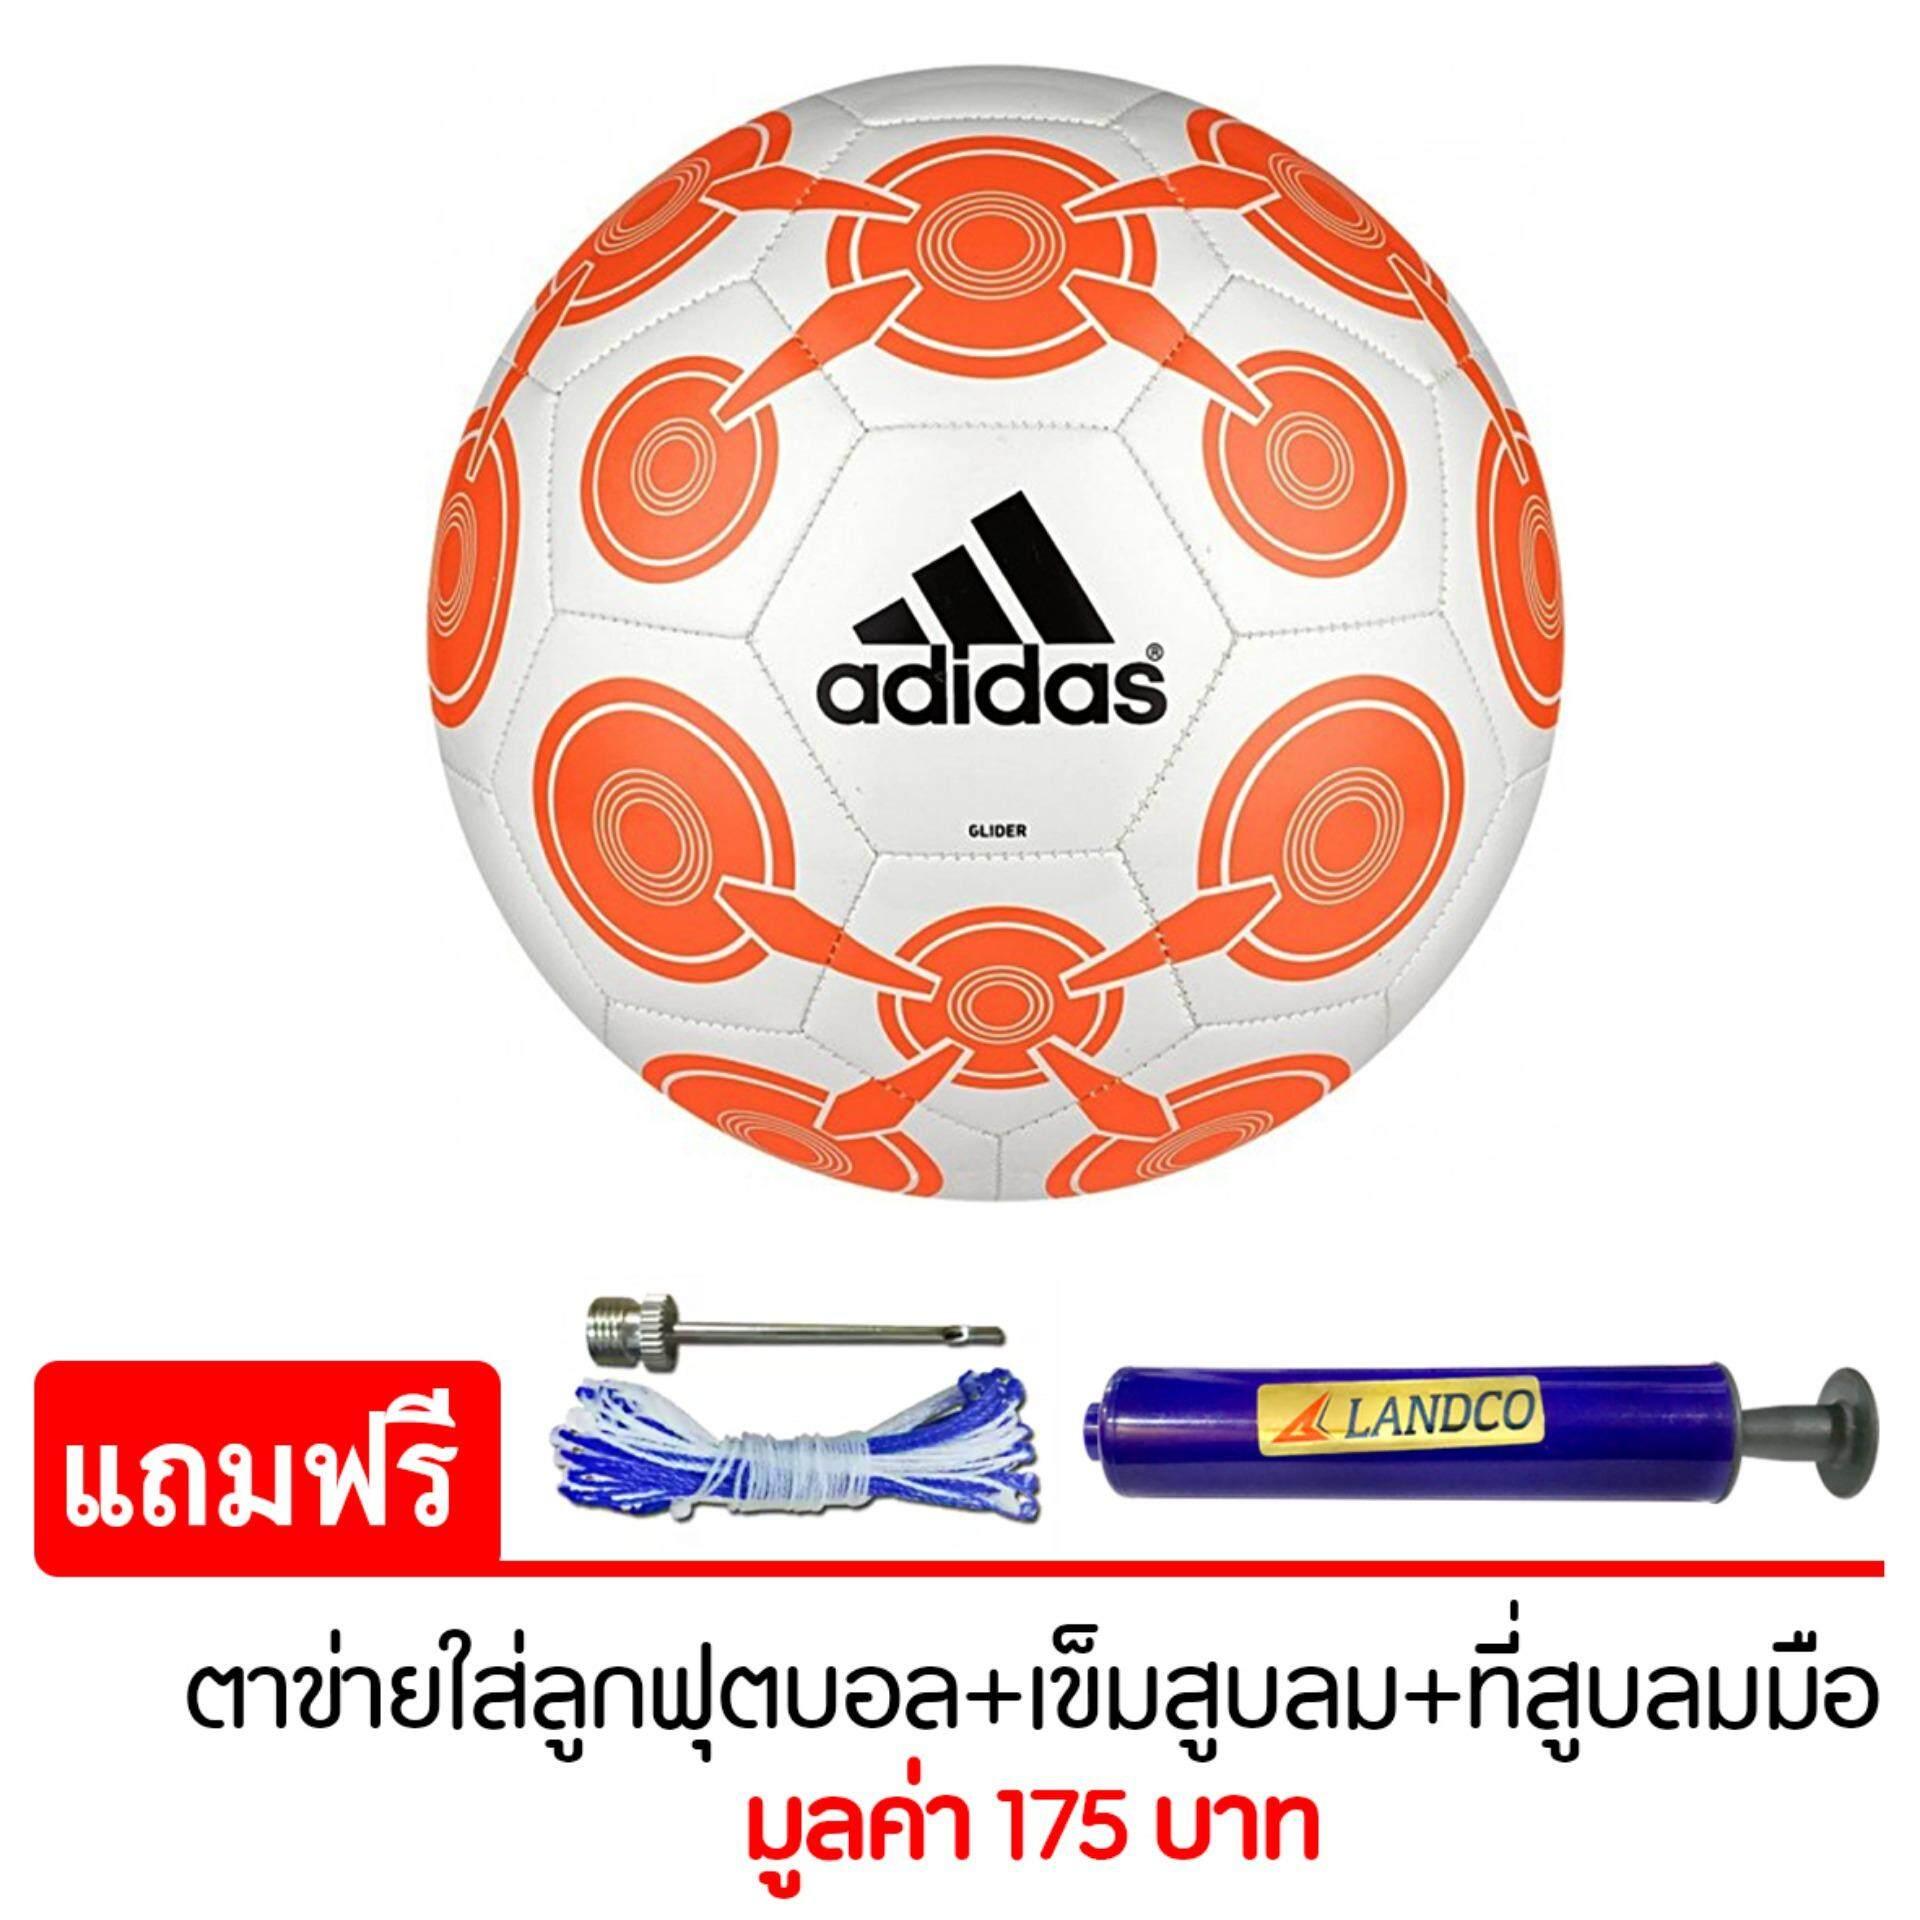 ขาย Adidas ฟุตบอลหนัง Football Ace Glid Ii S90201 No 5 แถมฟรี ตาข่ายใส่ลูกฟุตบอล เข็มสูบสูบลม สูบมือ Spl รุ่น Sl6 สีน้ำเงิน Adidas ผู้ค้าส่ง